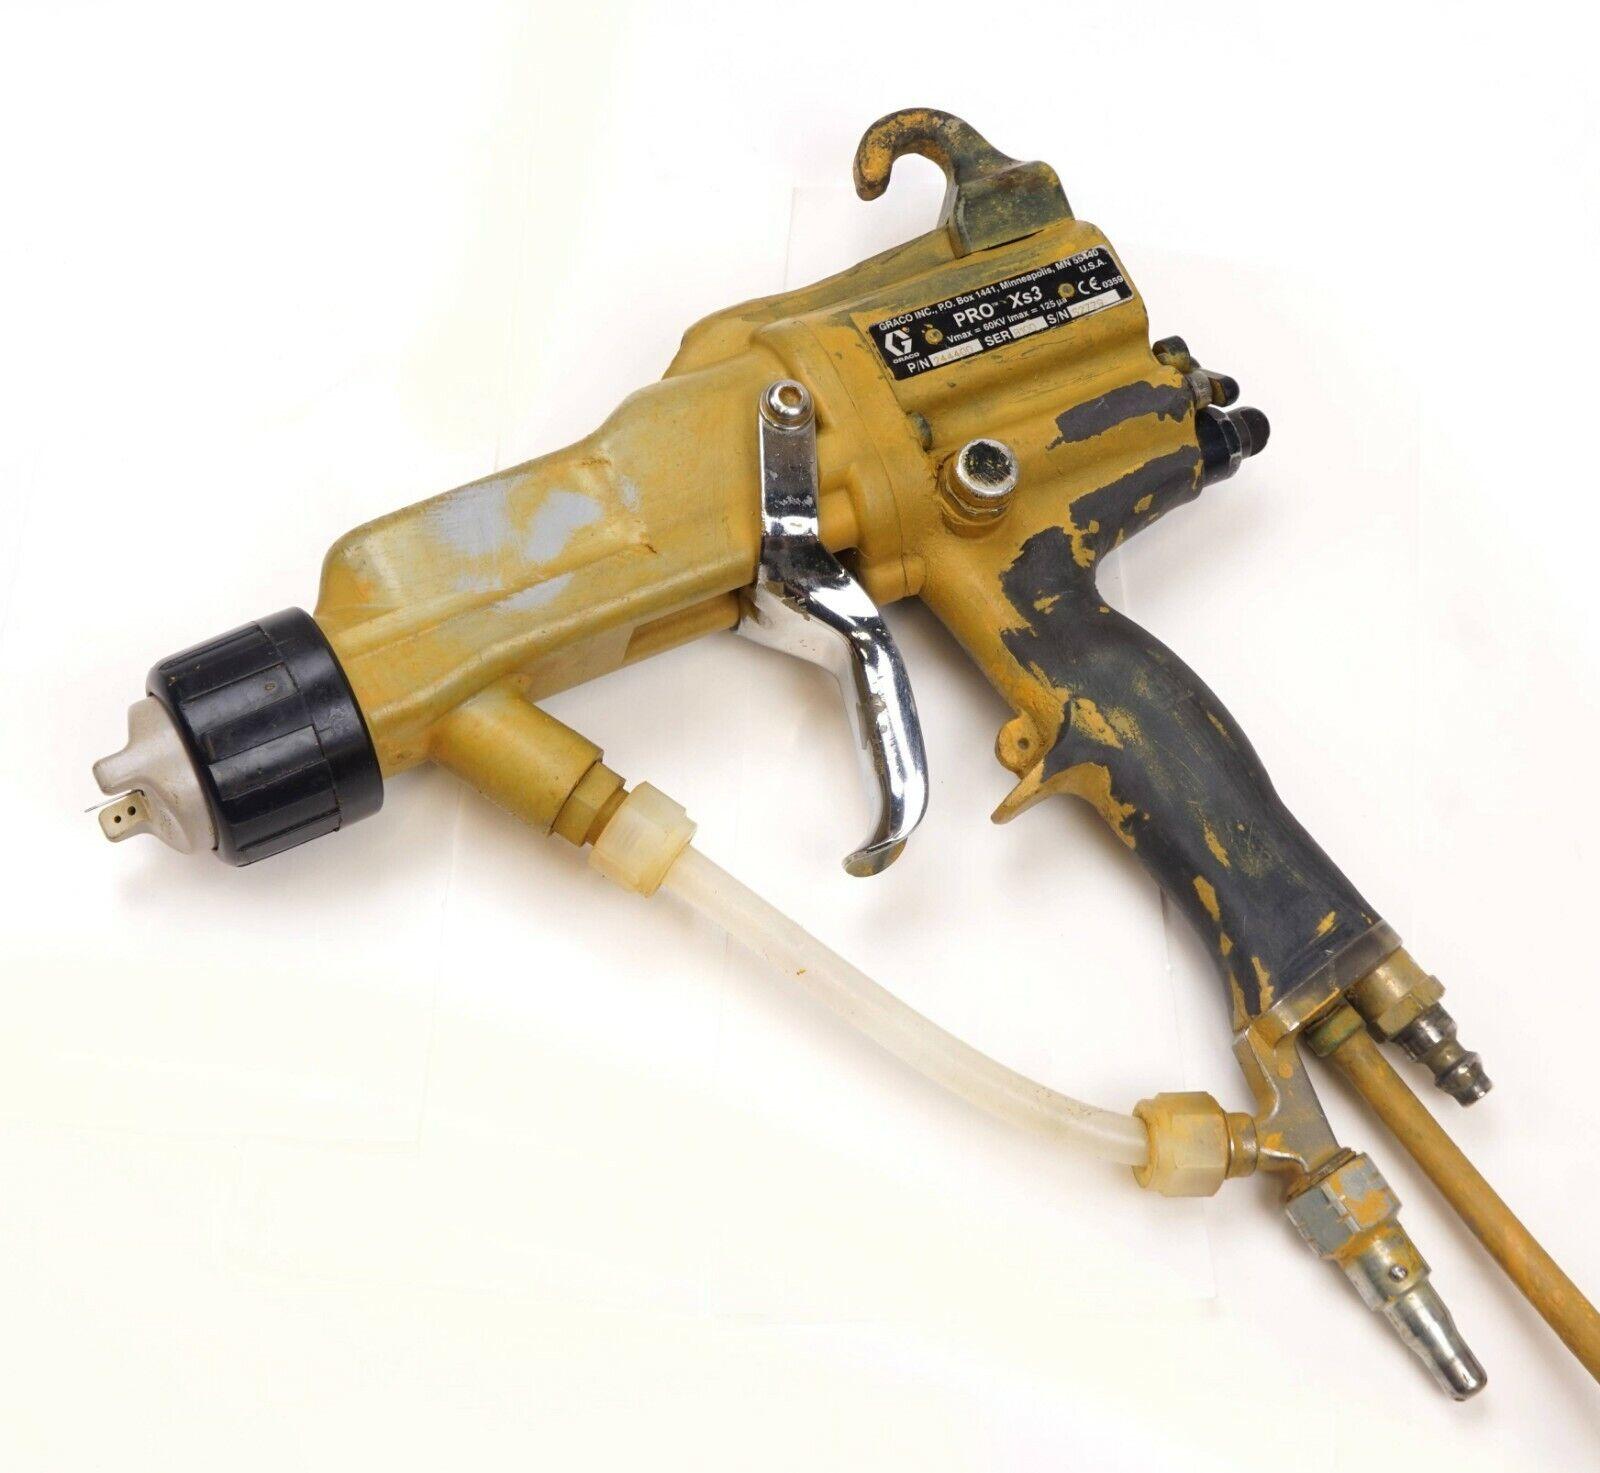 GRACO SPRAY GUN